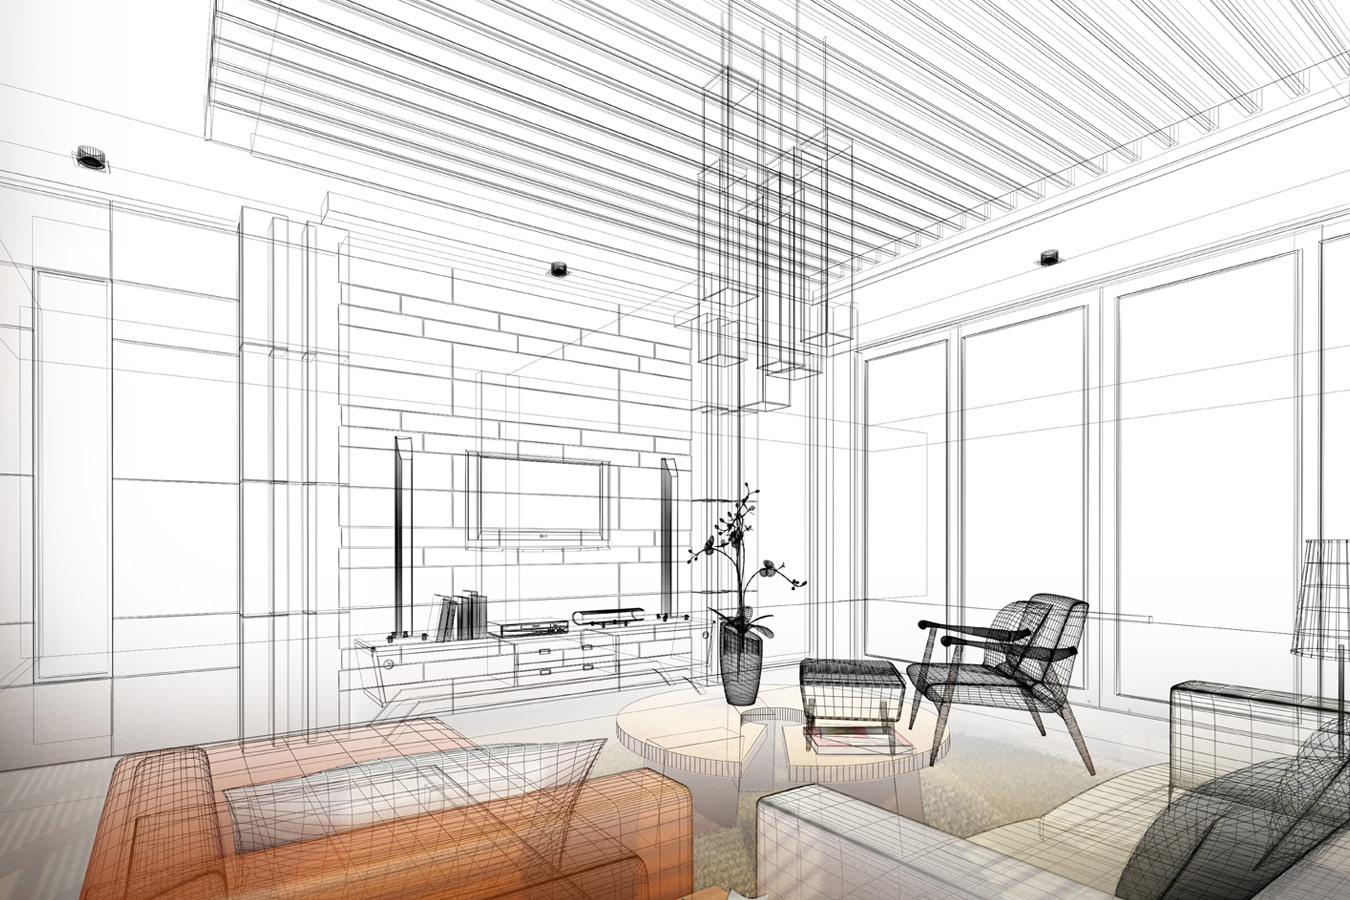 Binnenhuisarchitect Opleiding Prijs Amp Werkwijze